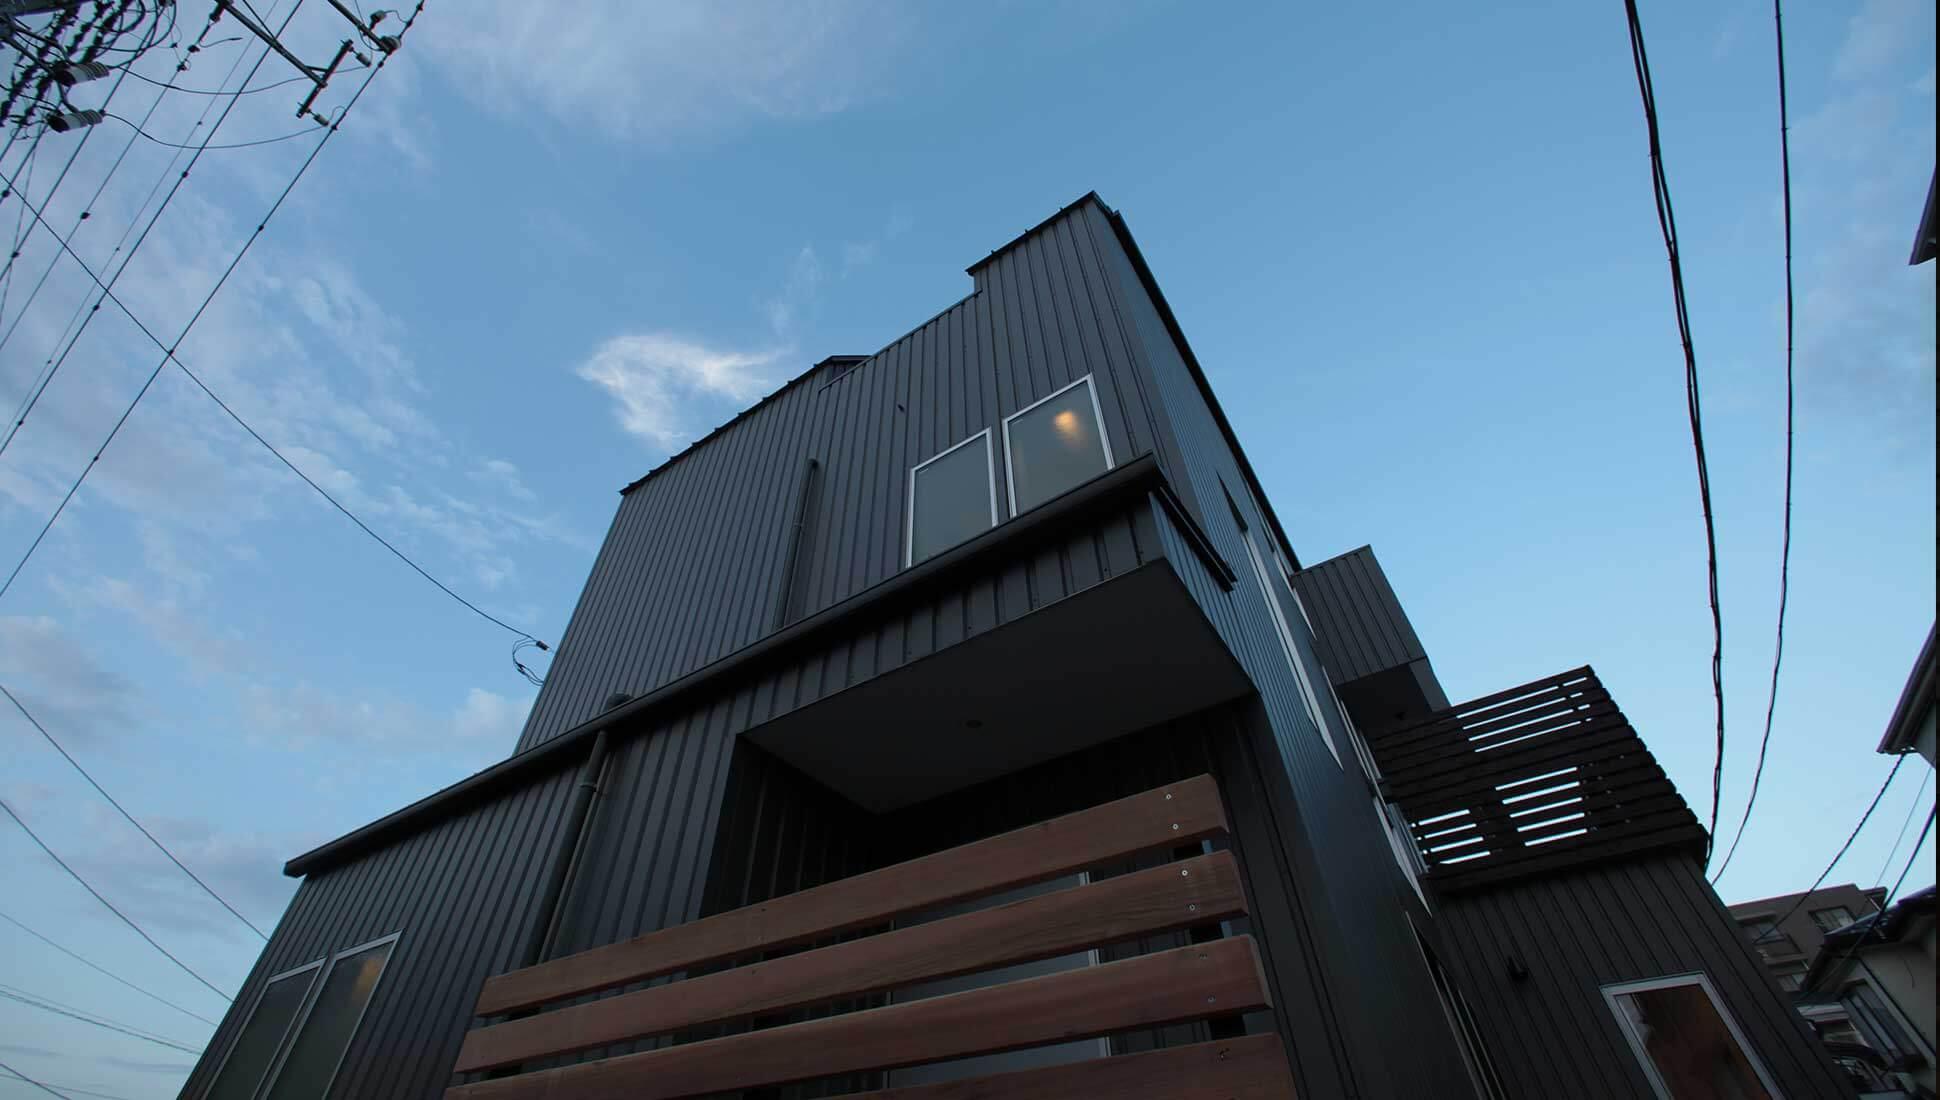 ガルバニウム鋼板の外観:Jパネルと南側階段のデザイン住宅